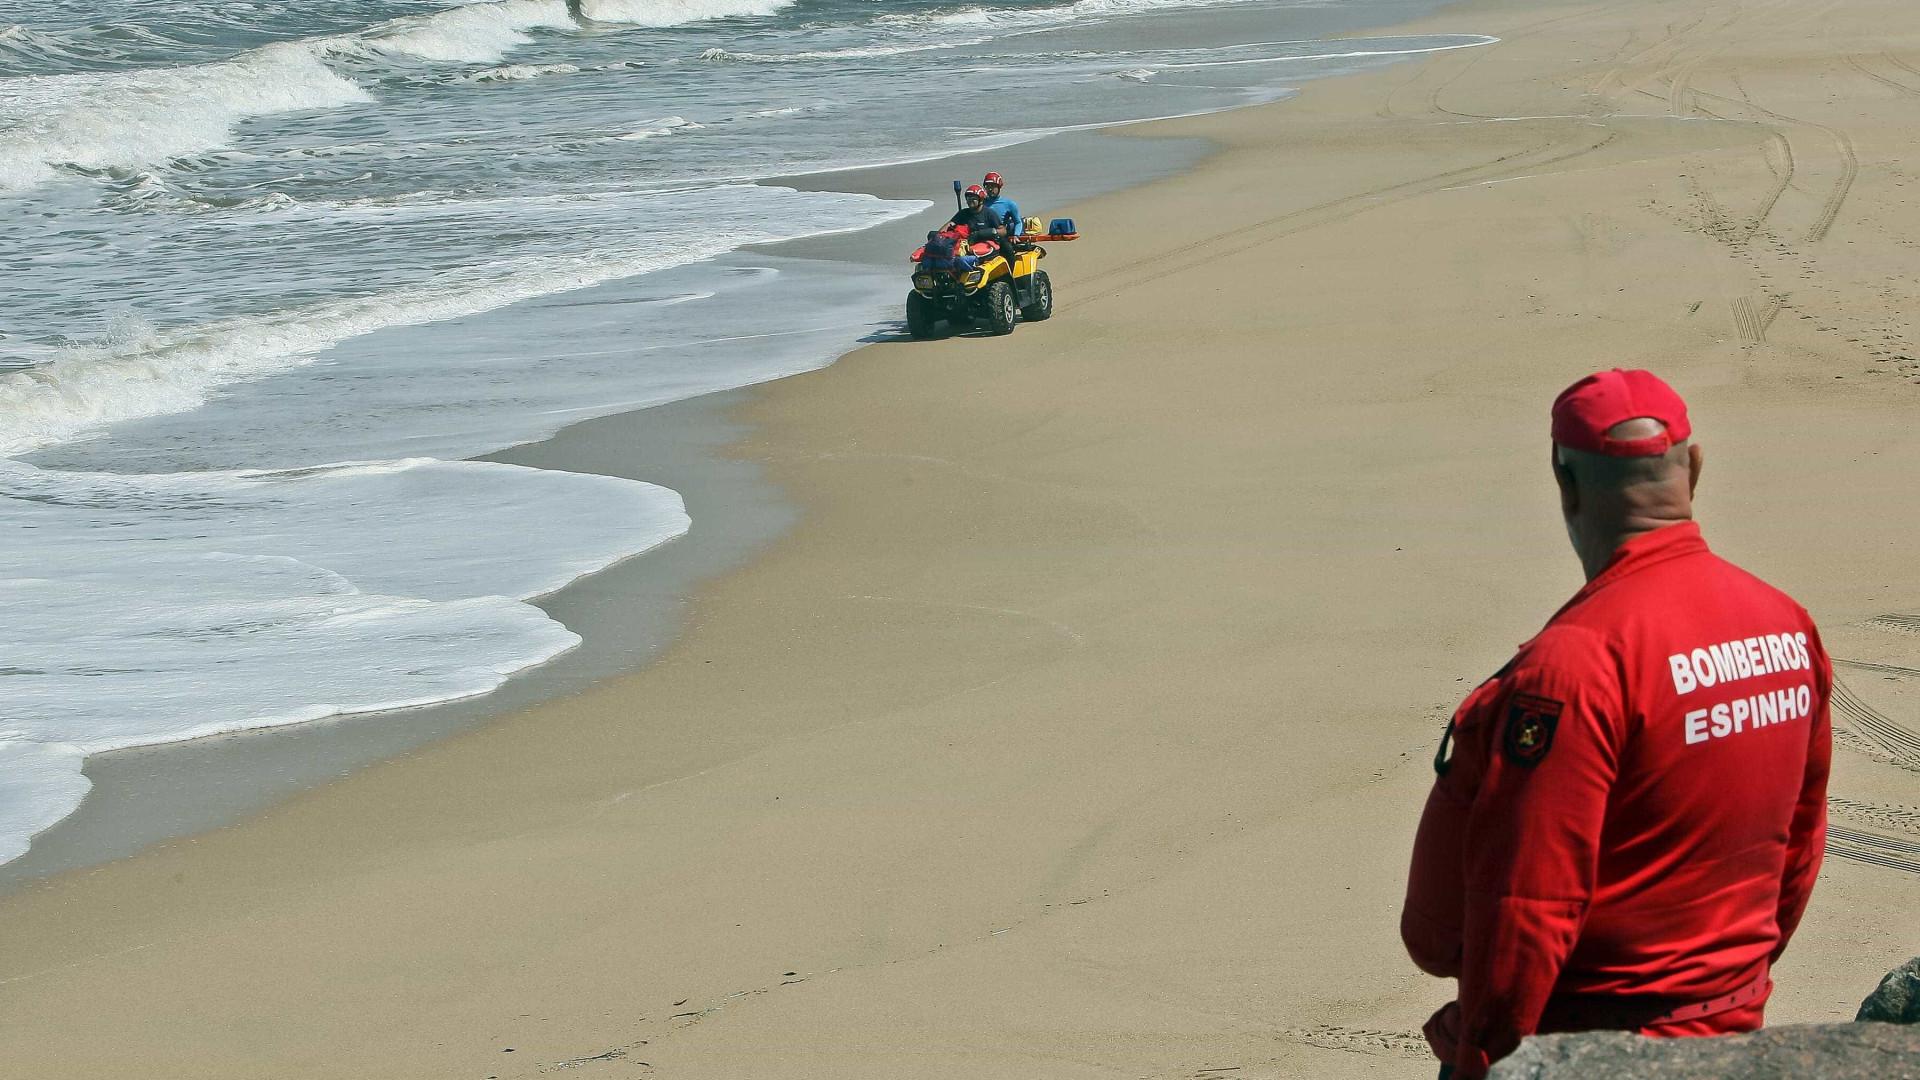 Encontrado corpo em praia de Espinho